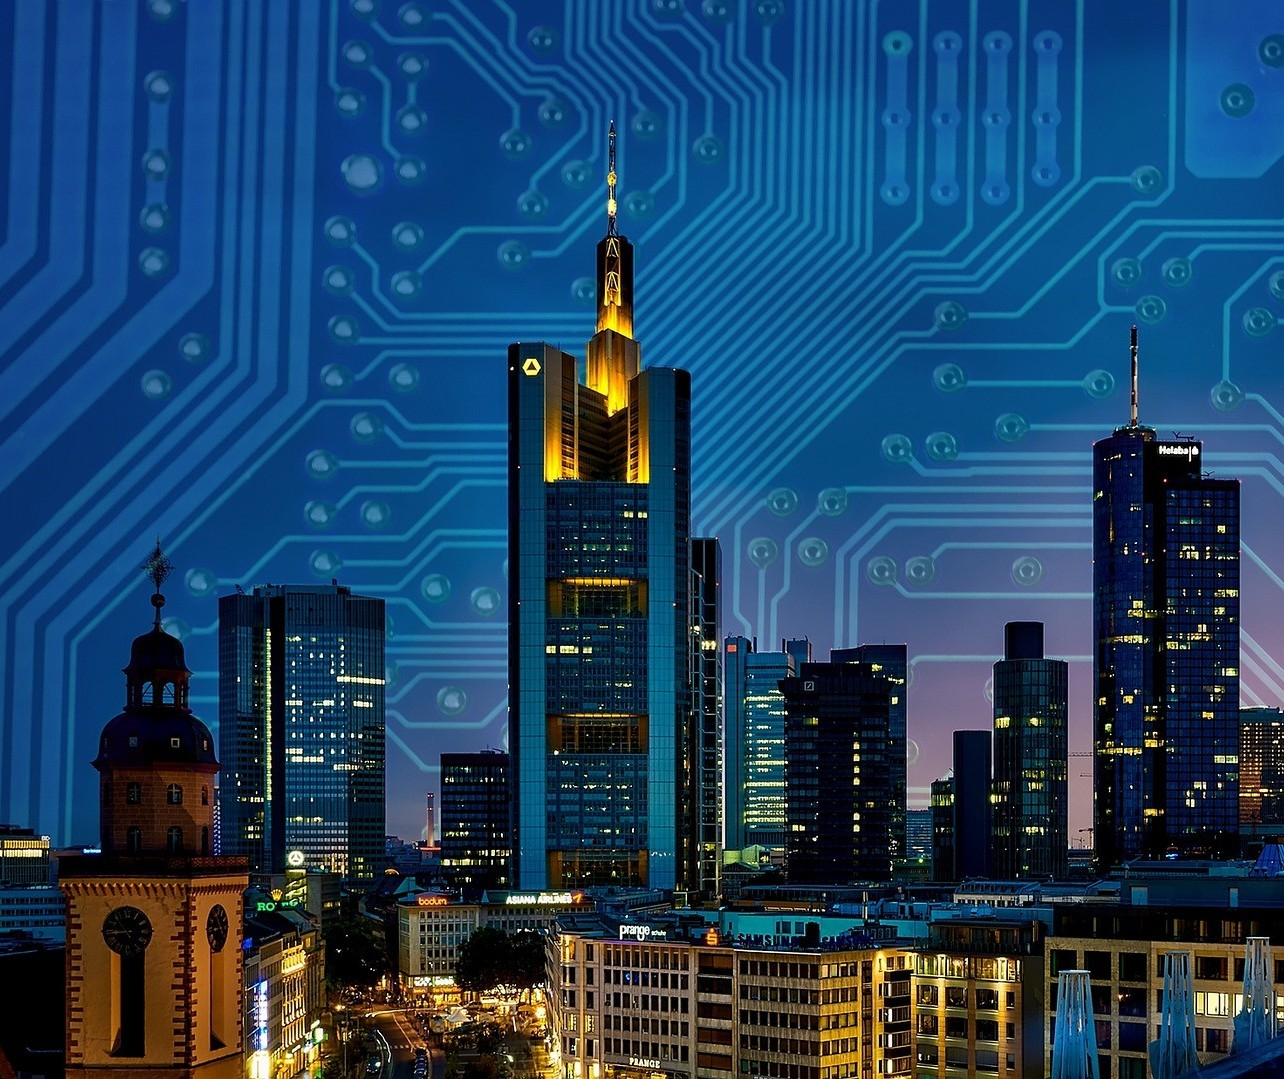 Conheça o trabalho de uma empresa que desenvolve soluções para cidades inteligentes